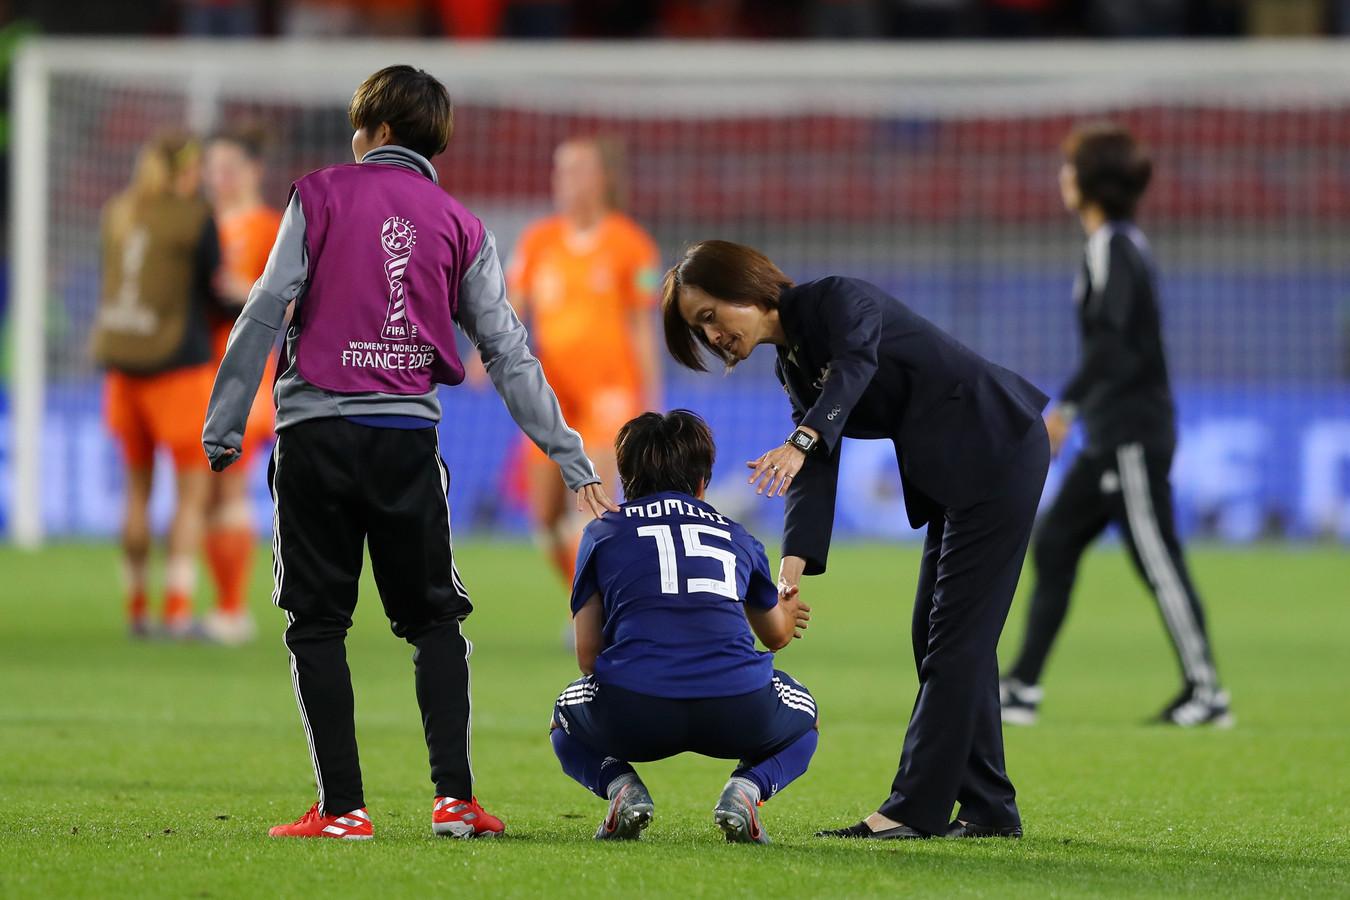 Asako Takakura troost een van haar speelsters.